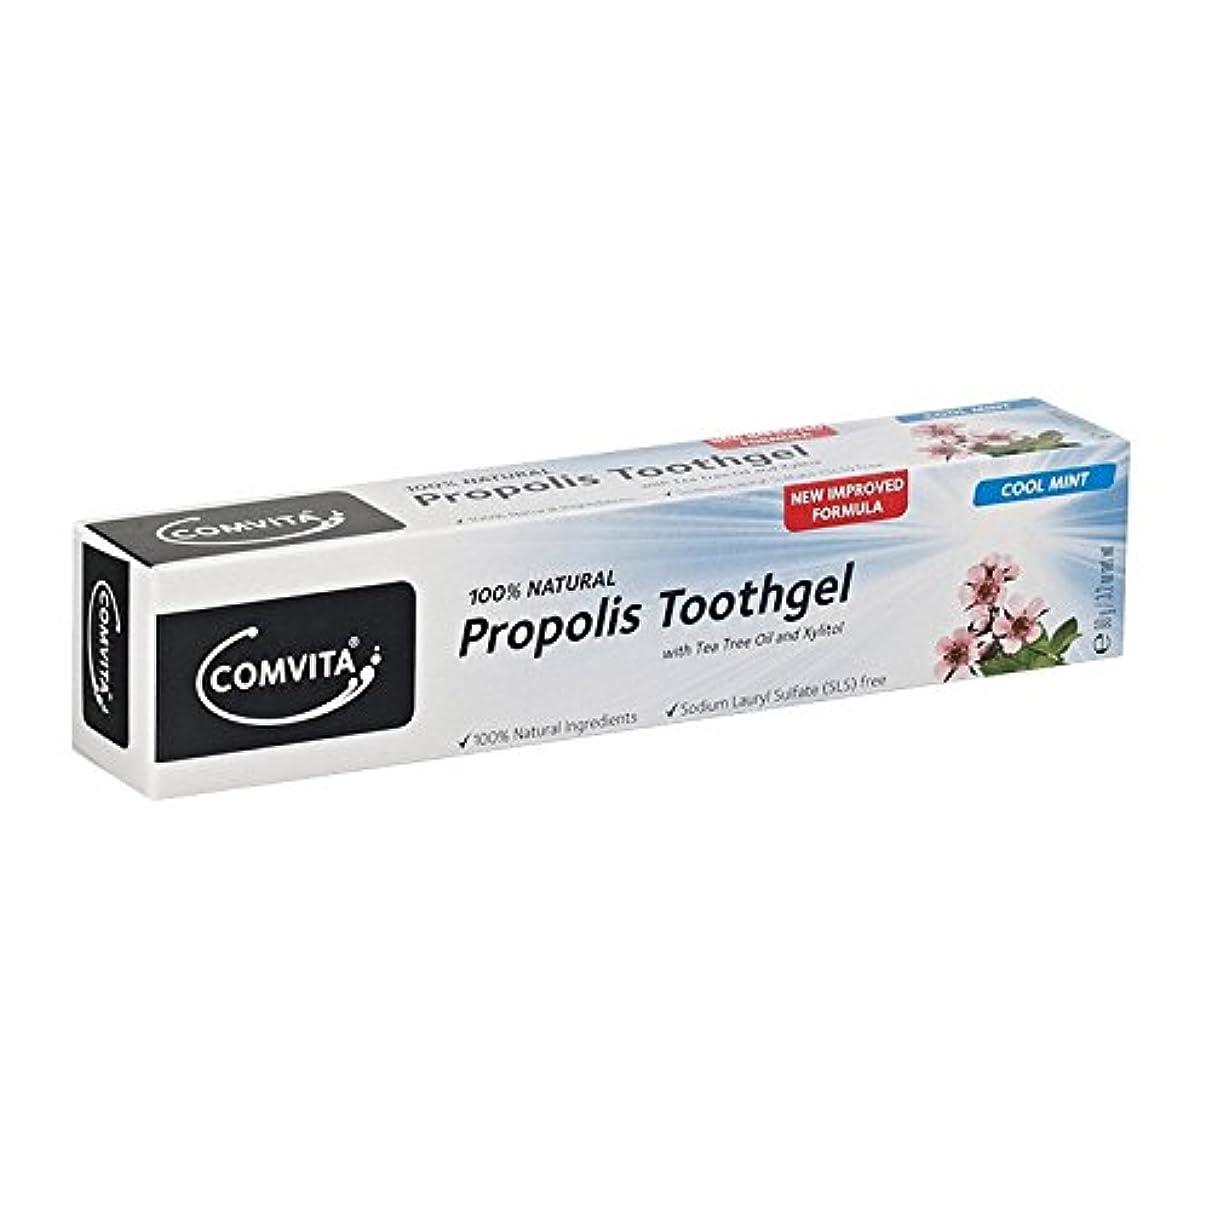 交換好奇心盛アフリカコンビタ100天然プロポリスToothgel - Comvita 100 Natural Propolis Toothgel (Comvita) [並行輸入品]